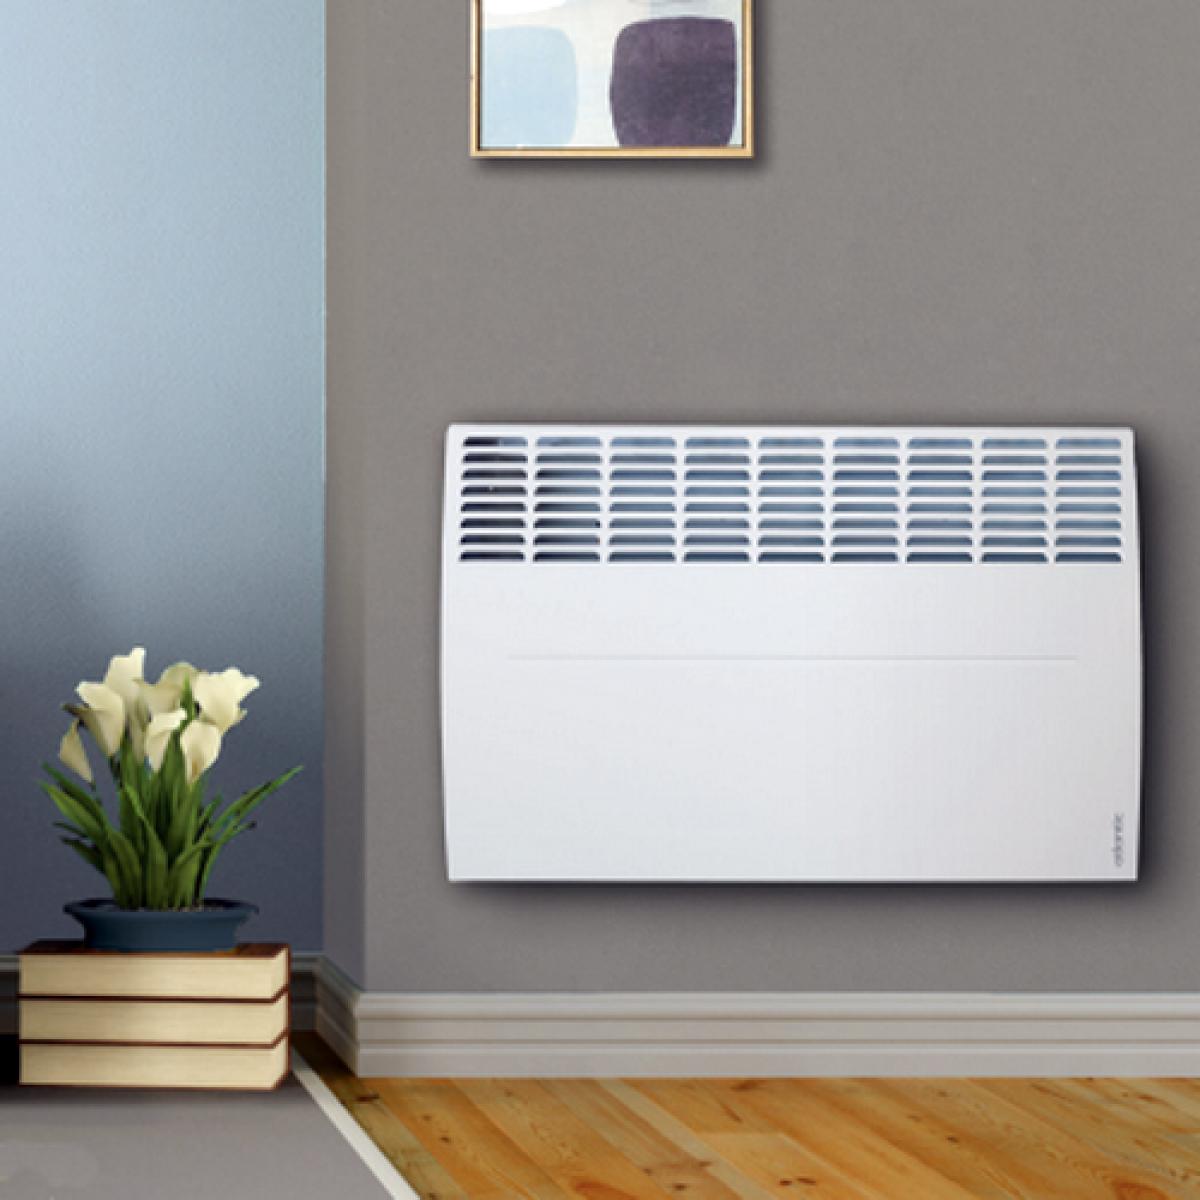 Конвекторы отопления электрические с терморегулятором настенные: цена в москве, купить электрические конвекторы отопления для дачи настенные экономичные